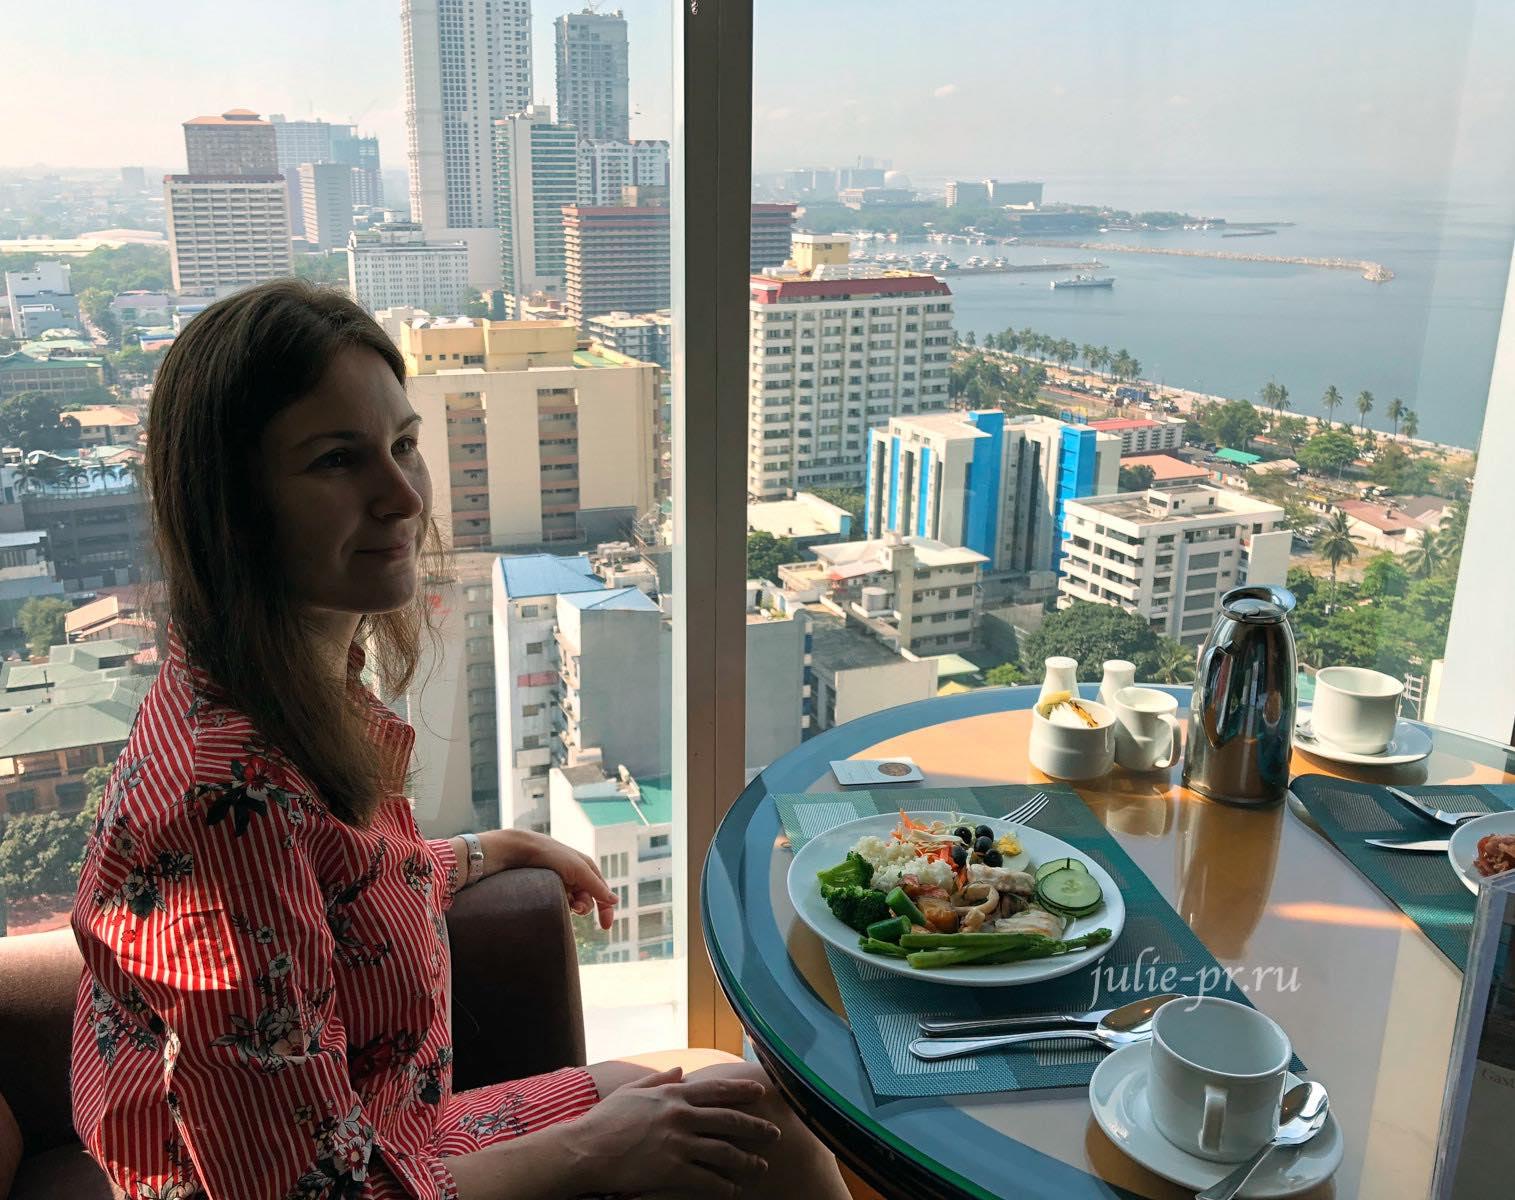 Филиппины, Манила, гостиница, завтрак